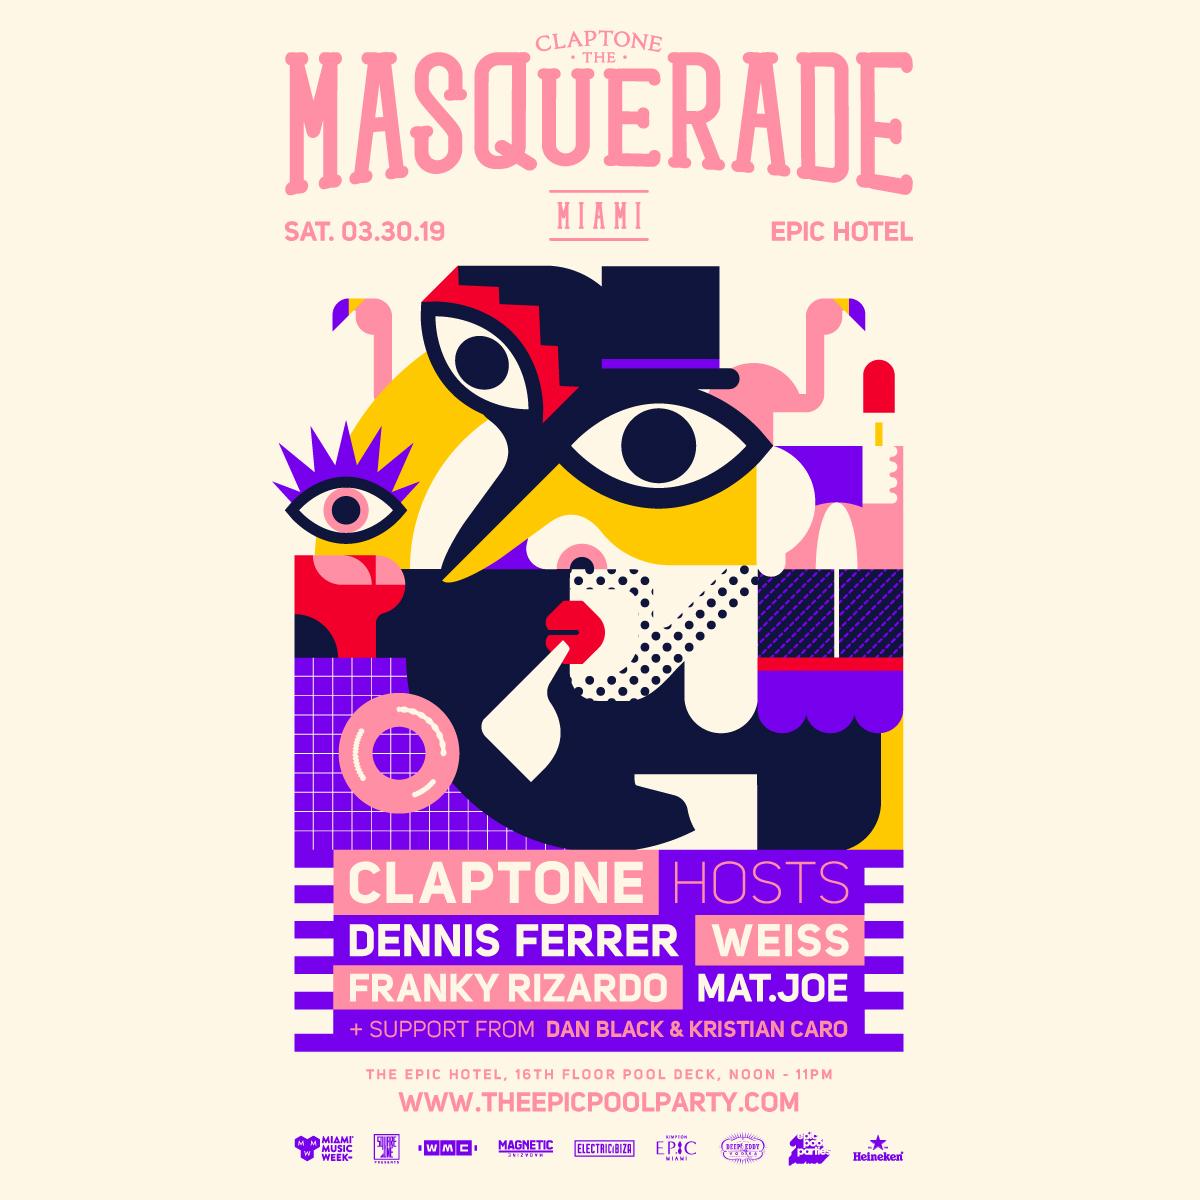 Masquerade Miami w/ Claptone WMC 2019 x Epic Pool Parties Image